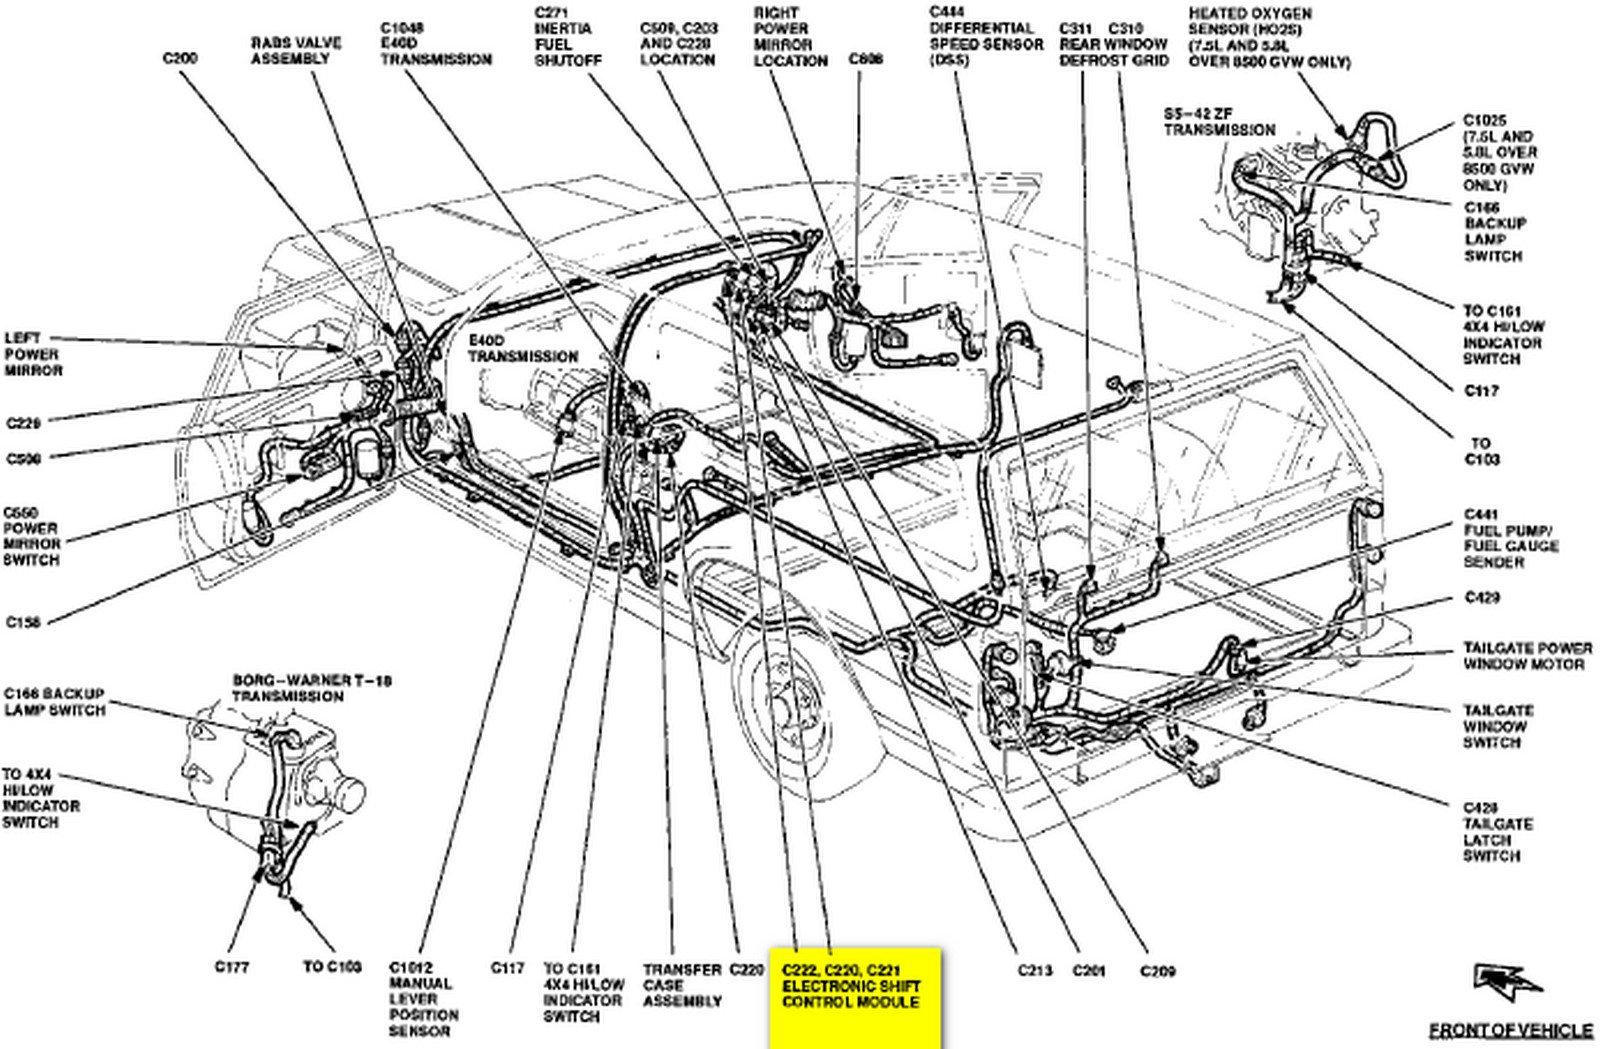 93 Bronco Fuel Pump Wiring - Wiring Diagrams ROCK